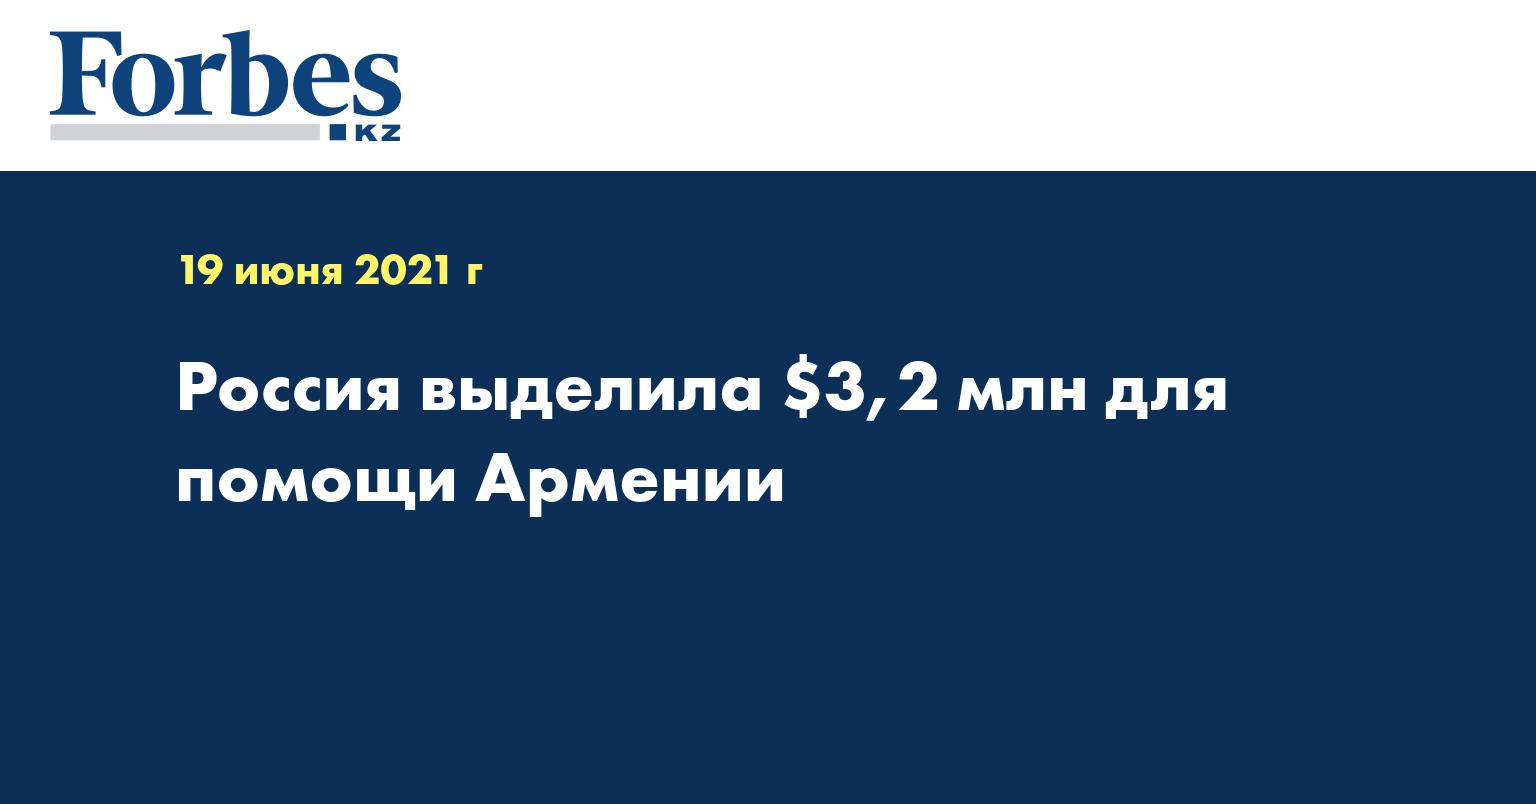 Россия выделила $3,2 млн для помощи Армении